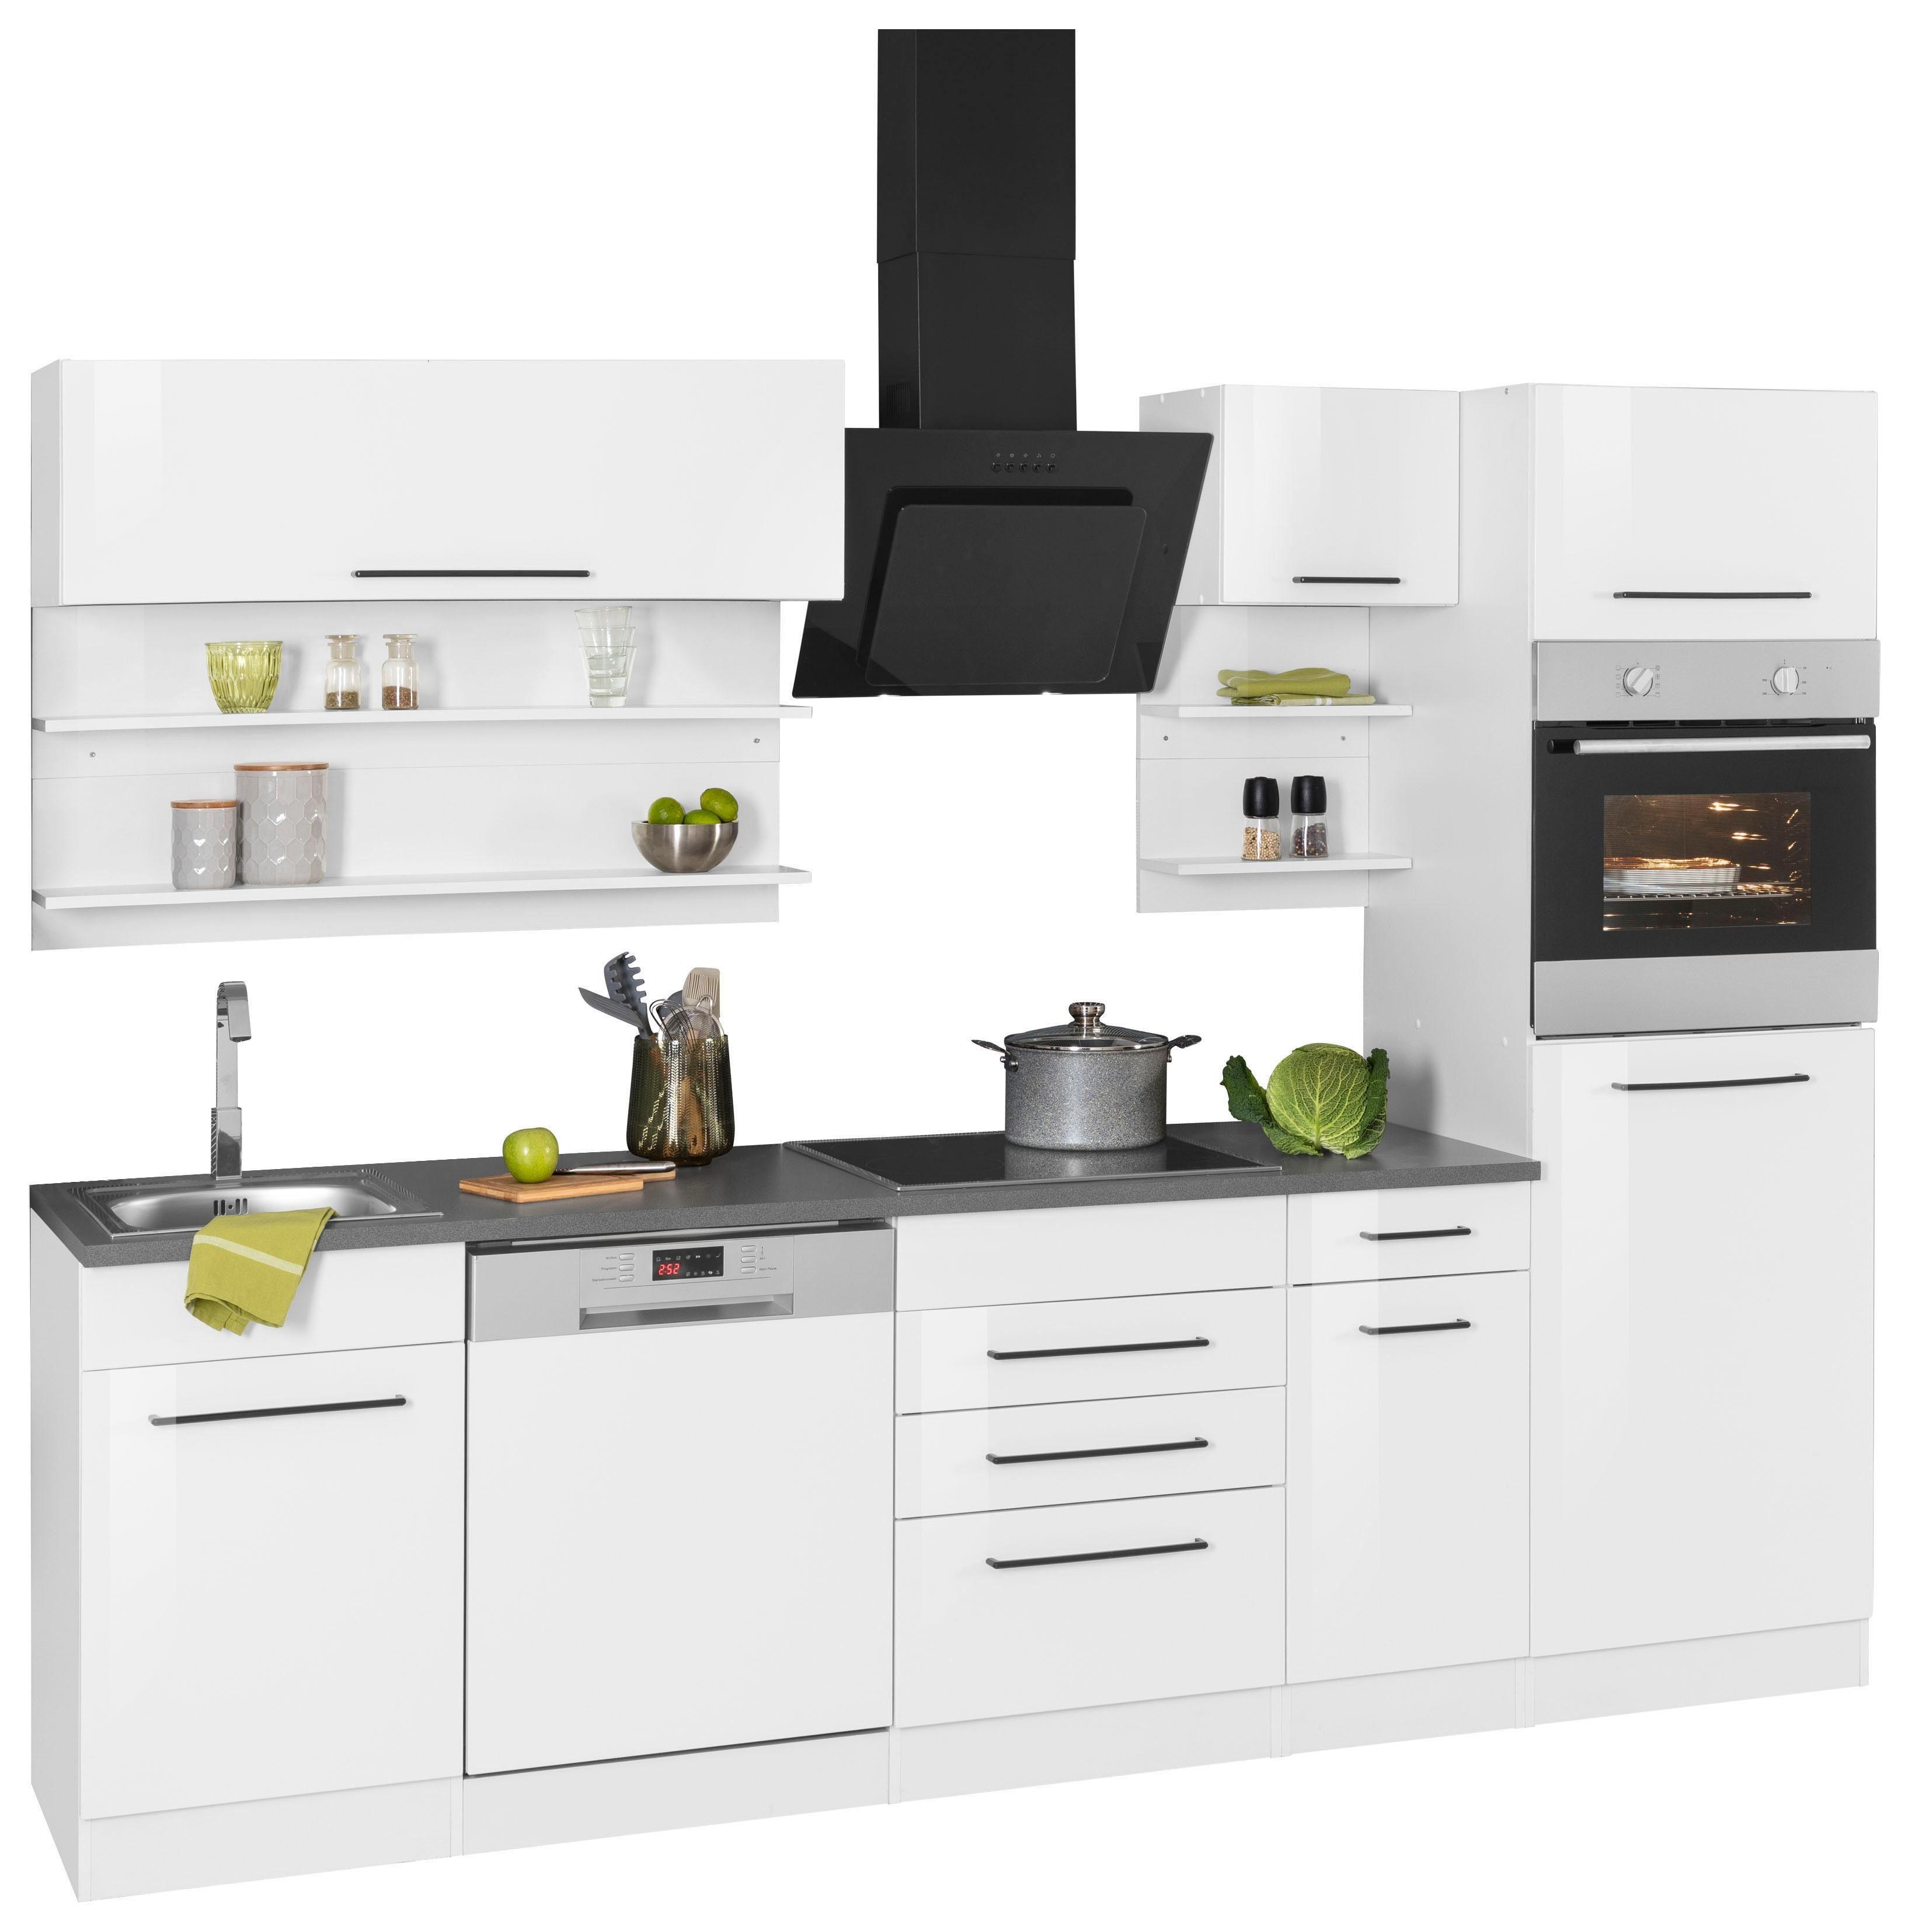 HELD MÖBEL Küchenzeile »Tulsa«, ohne E-Geräte, Breite 270 cm